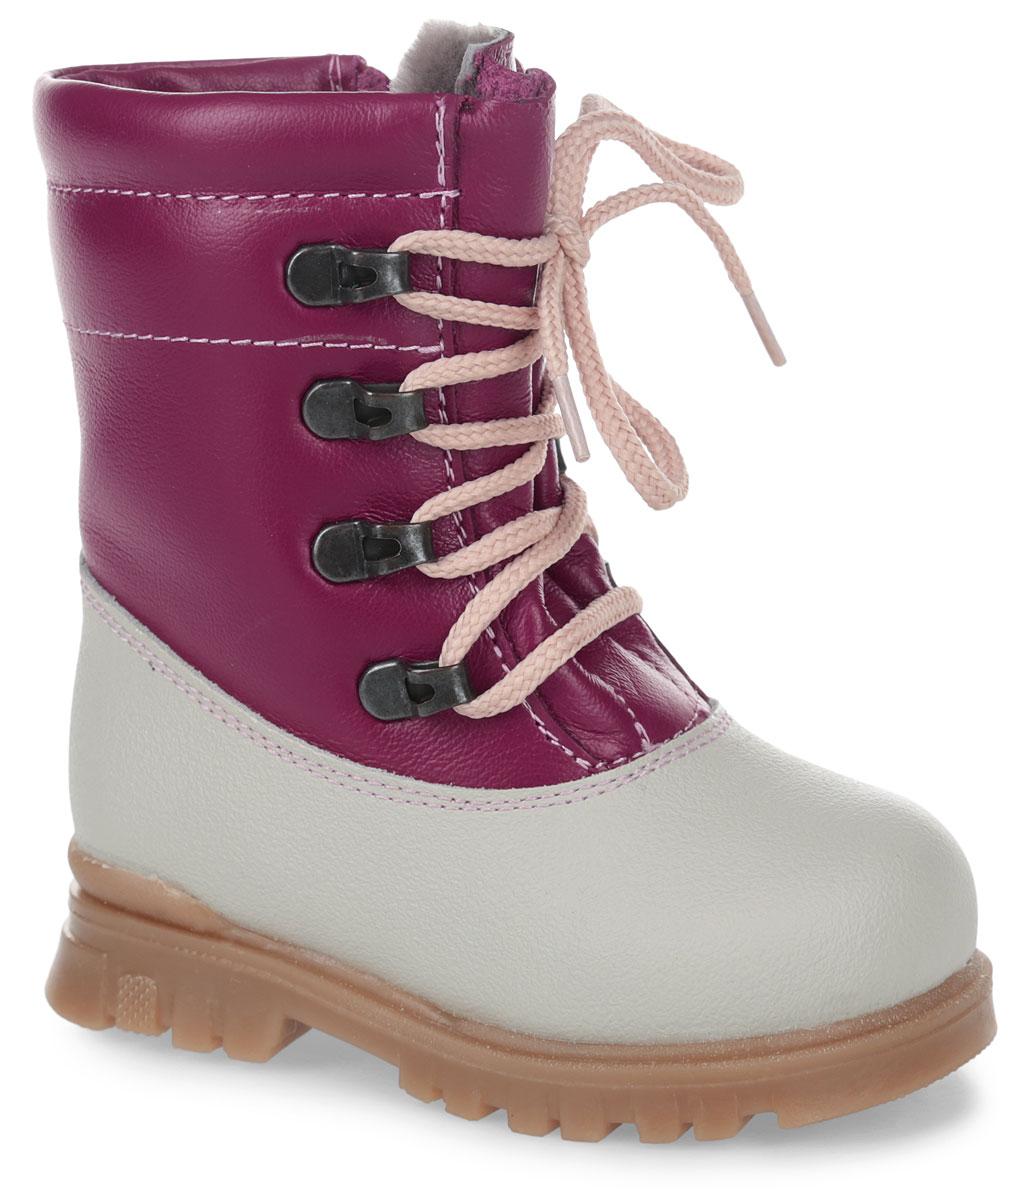 11185-9Модные ботинки от Зебра заинтересуют вашу девочку с первого взгляда! Модель выполнена из натуральной кожи. Шнуровка надежно зафиксирует модель на ноге. Боковая застежка-молния позволяет легко снимать и надевать модель. Подкладка и стелька из натурального меха не дадут ногам замерзнуть. Подошва дополнена рифлением.